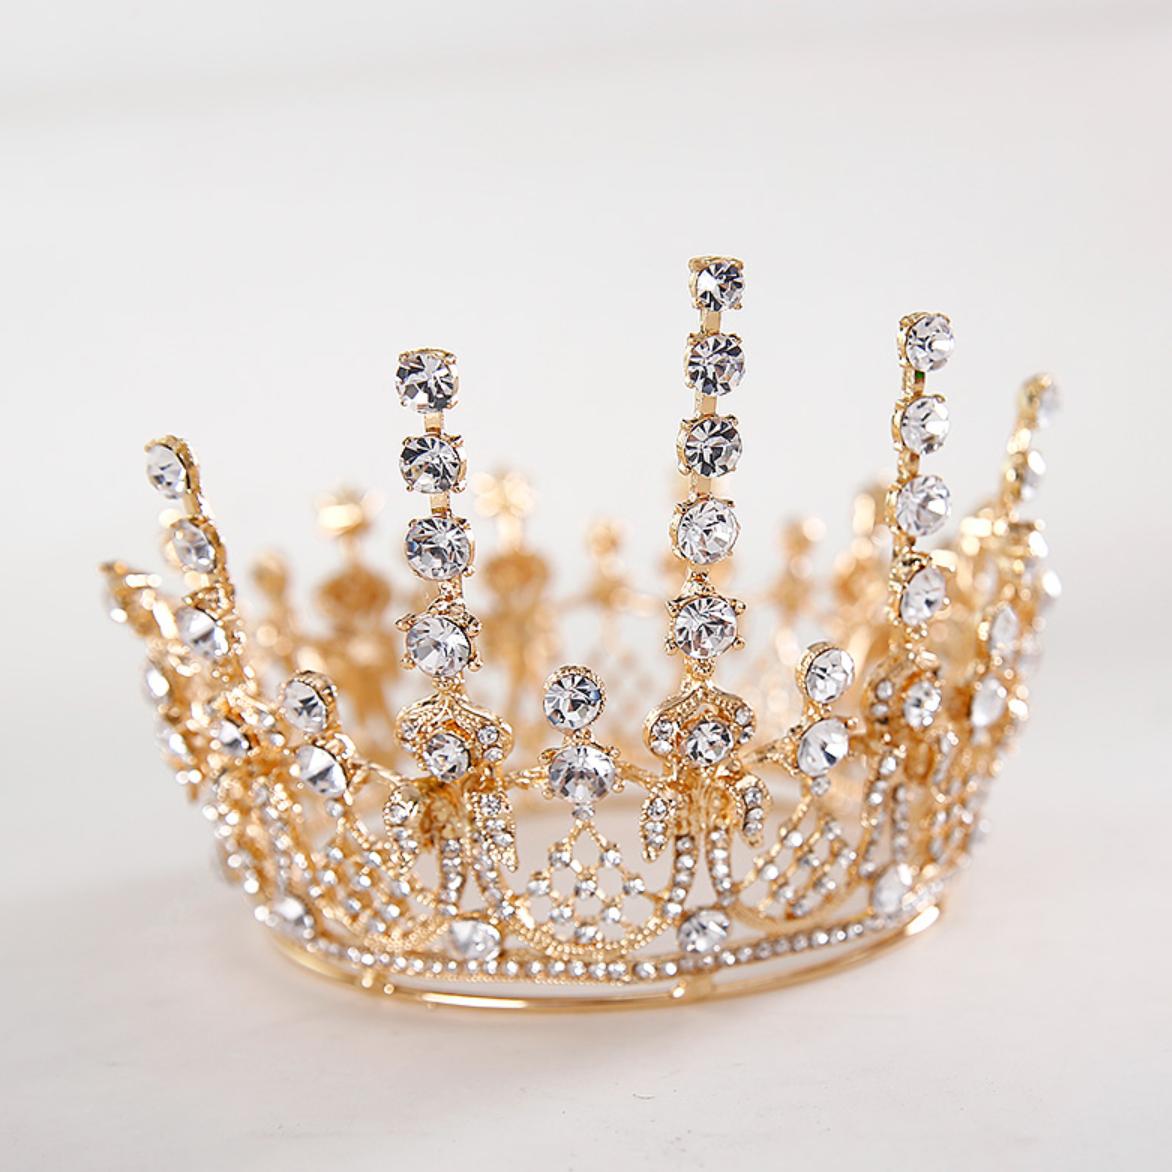 티아라 왕관 케이크 셀프웨딩 브라이덜샤워 생일 파티 진주 토퍼 프로포즈 머리띠, 럭셔리 티아라(골드)